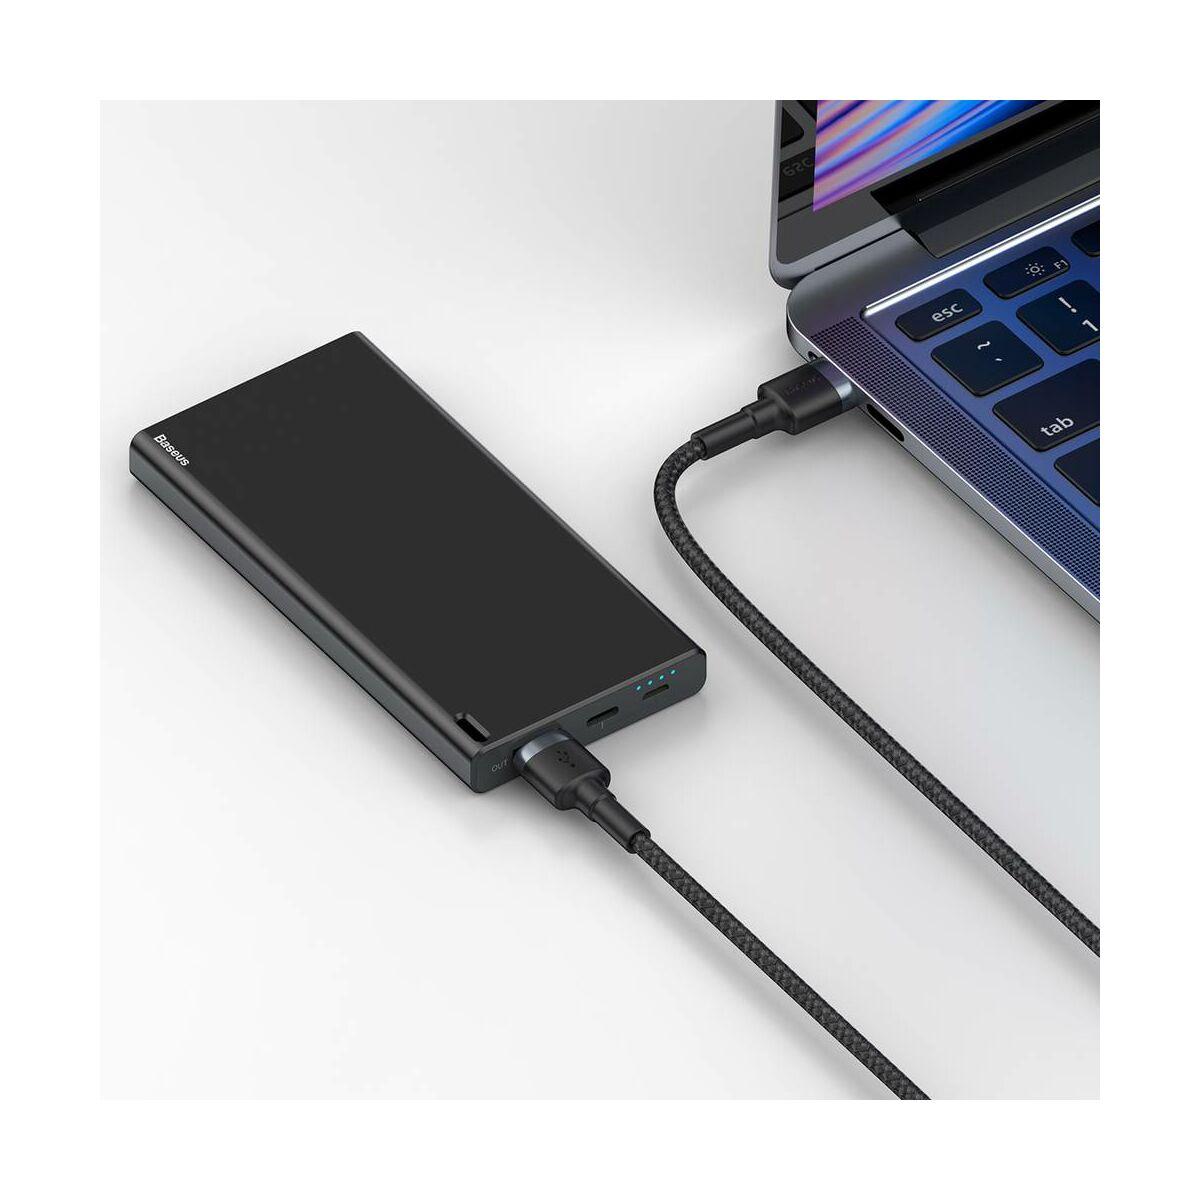 Baseus átalakító kábel, Cafule USB3.0[apa] - USB3.0[apa] 2A, 1m, szürke (CADKLF-C0G)